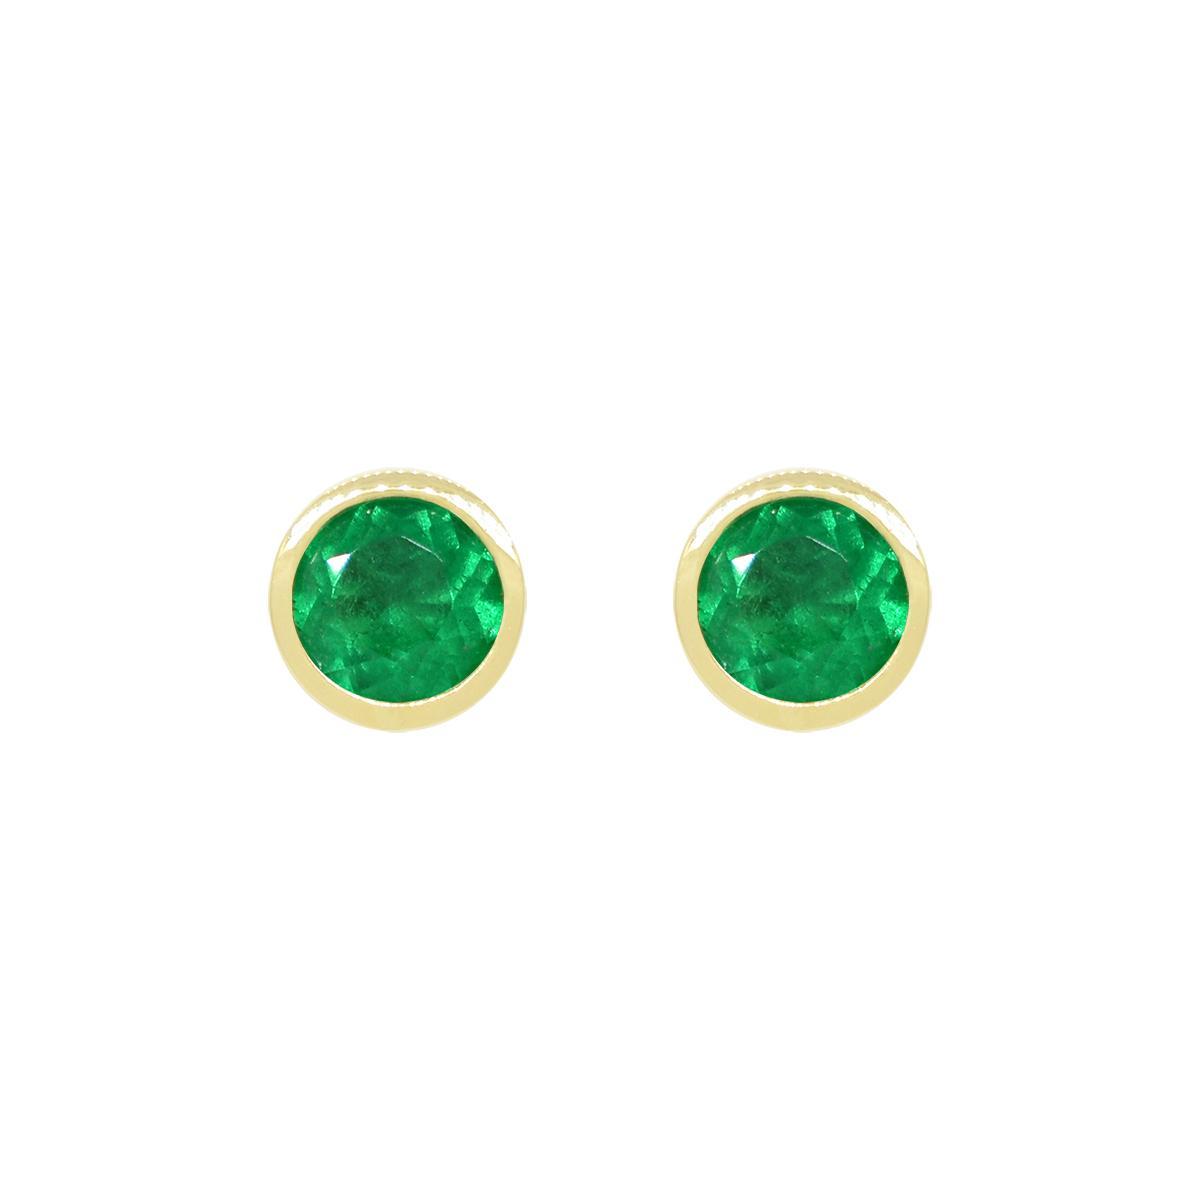 18k-yellow-gold-emerald-stud-earrings-in-bezel-setting